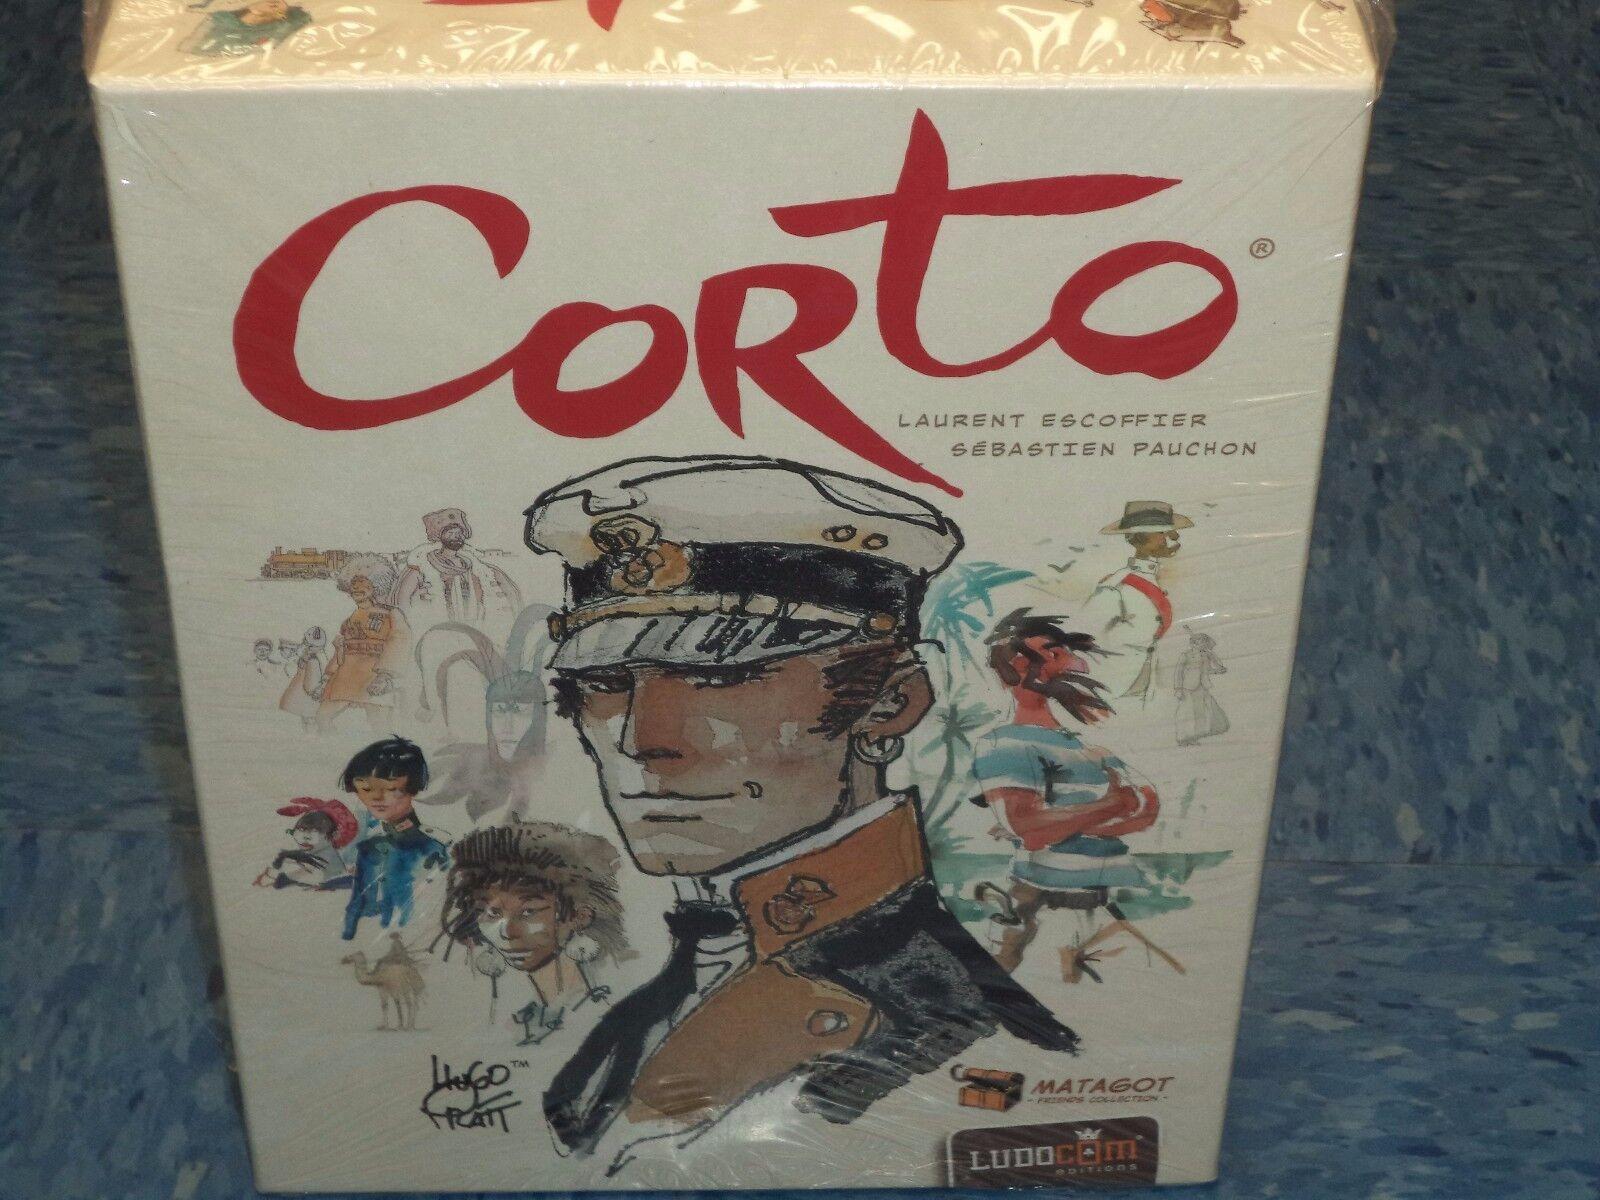 Corto - Matagot Games Mystery Adventure Board Game Nuovo